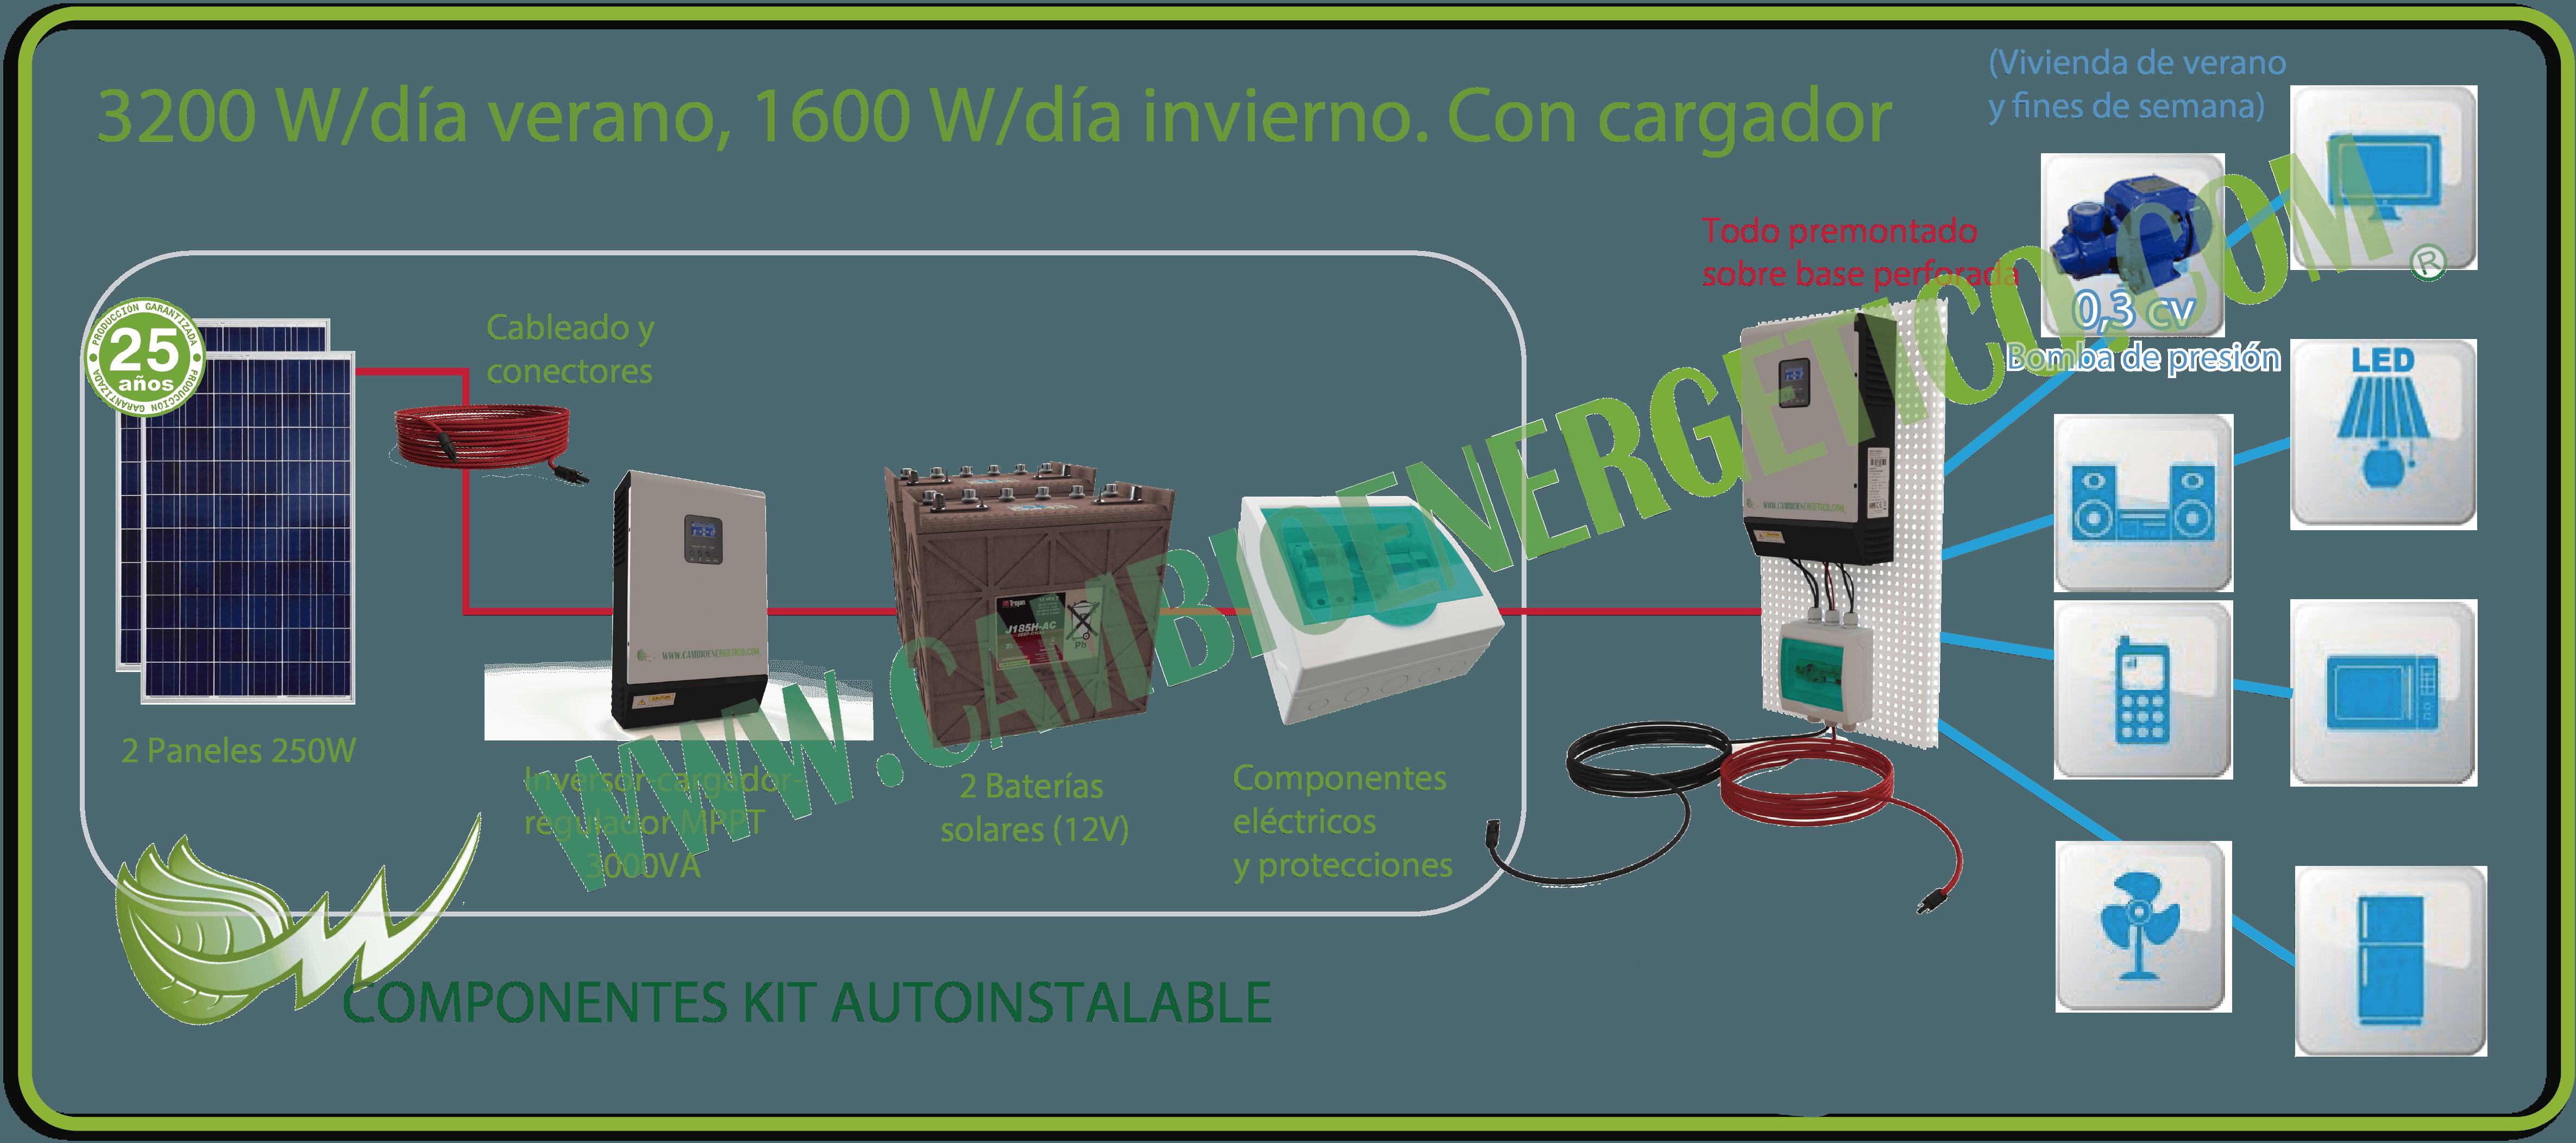 Kit solar autoinstalable 3200 W/d verano, 1600 W/d invierno con baterías Trojan